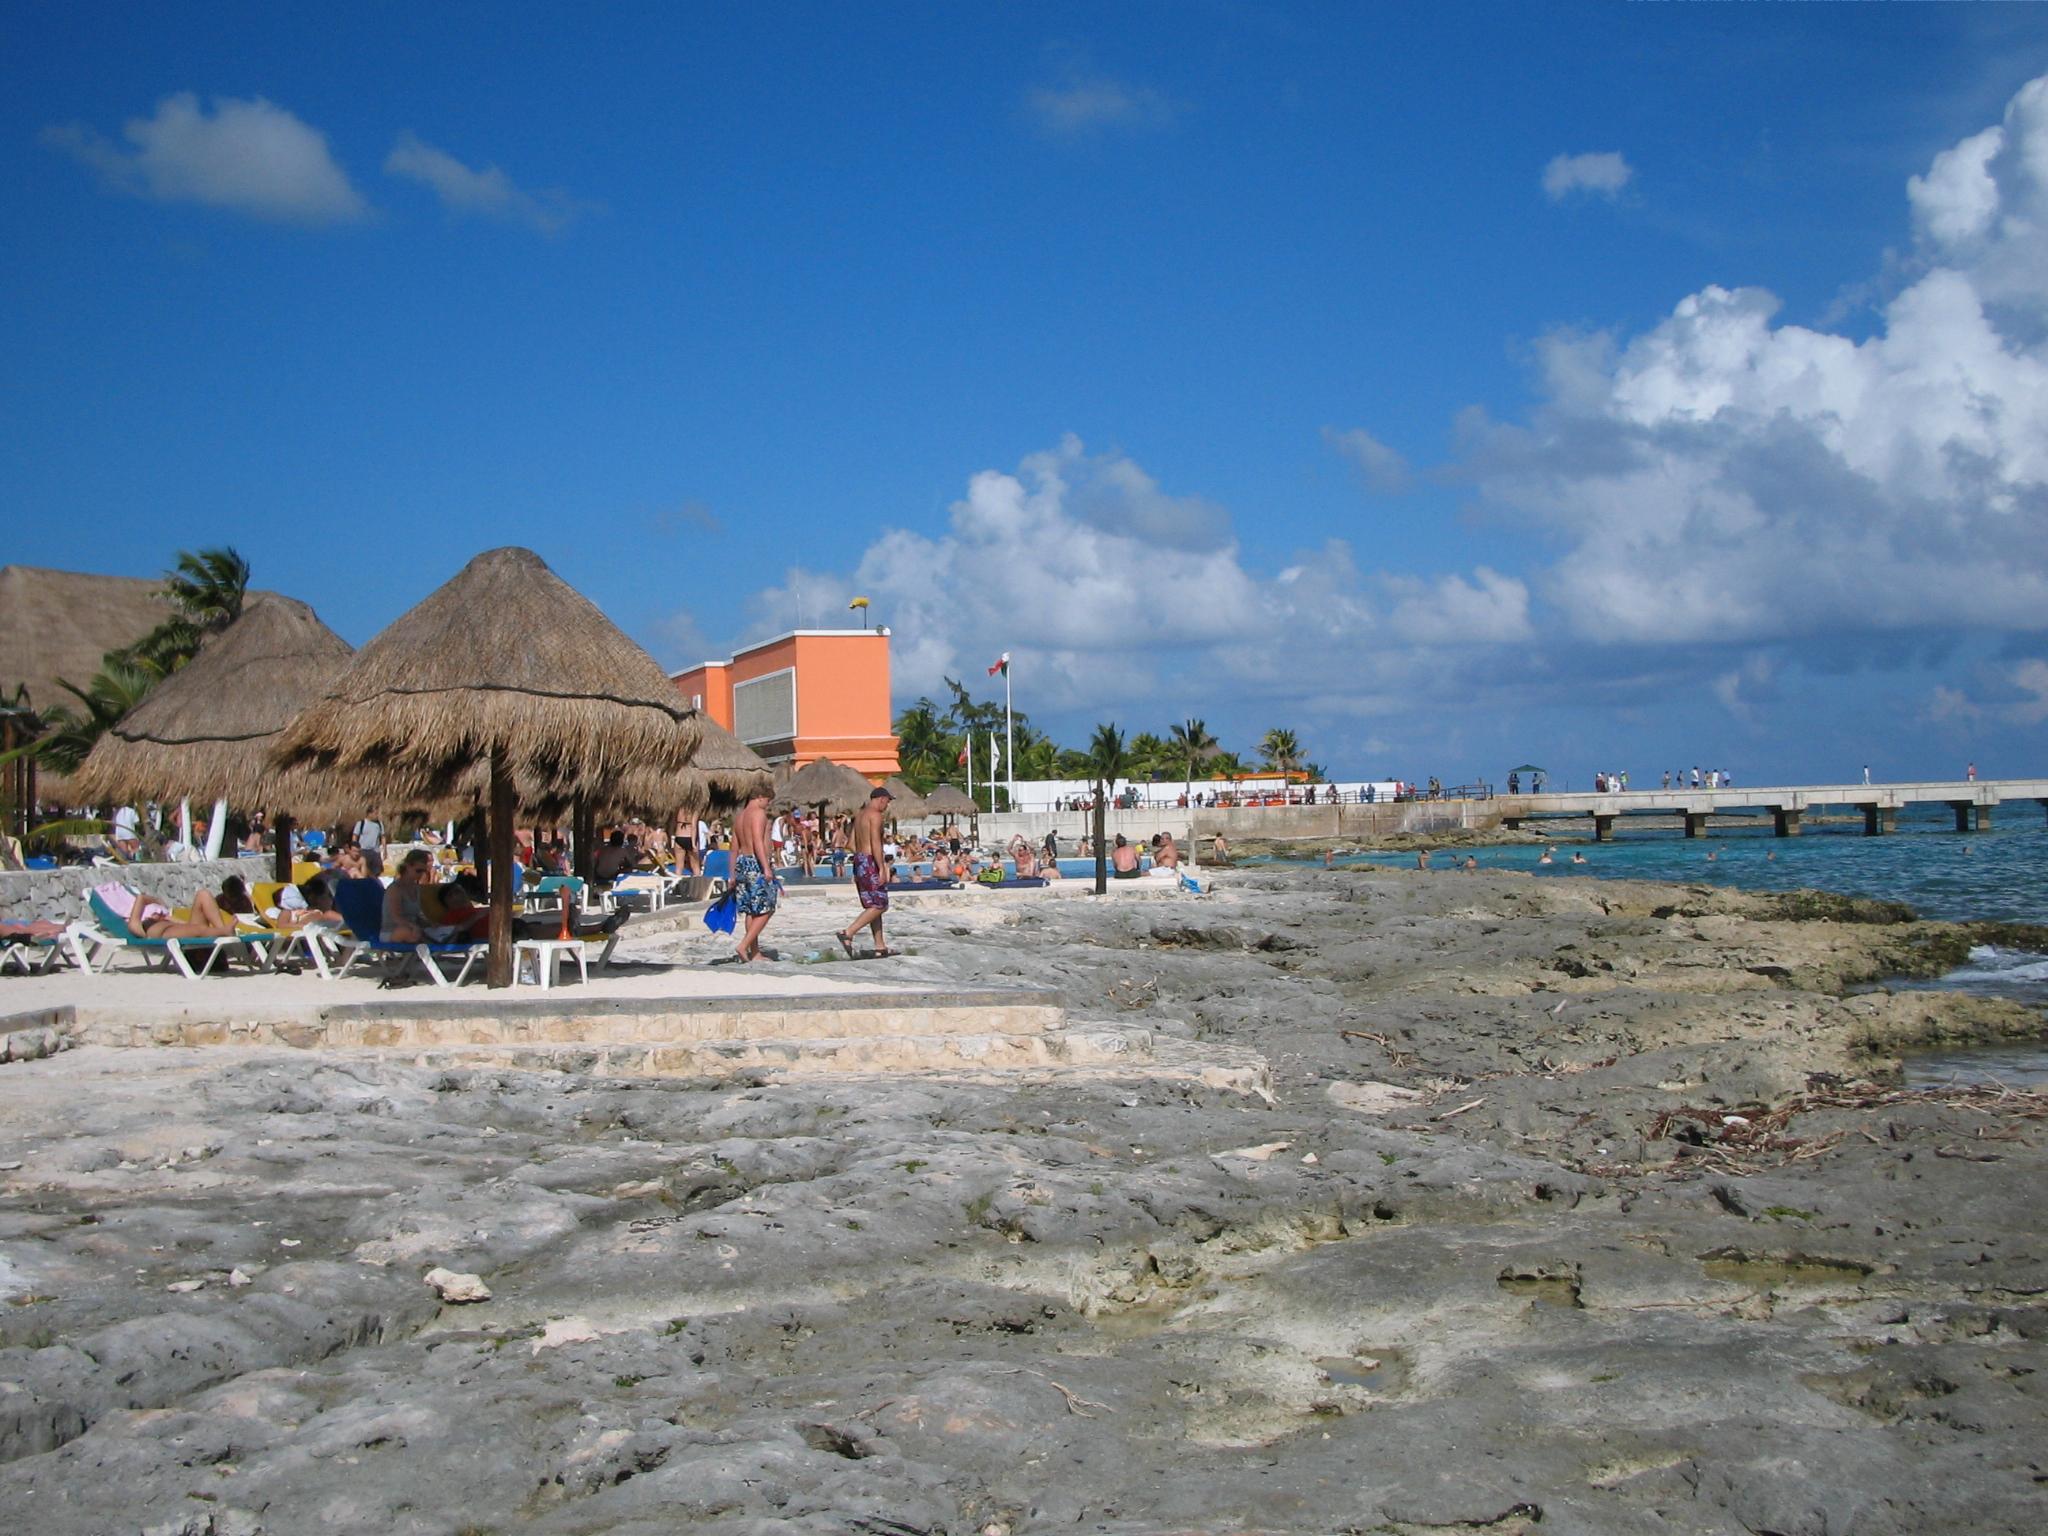 Costa Maya Wikipedia